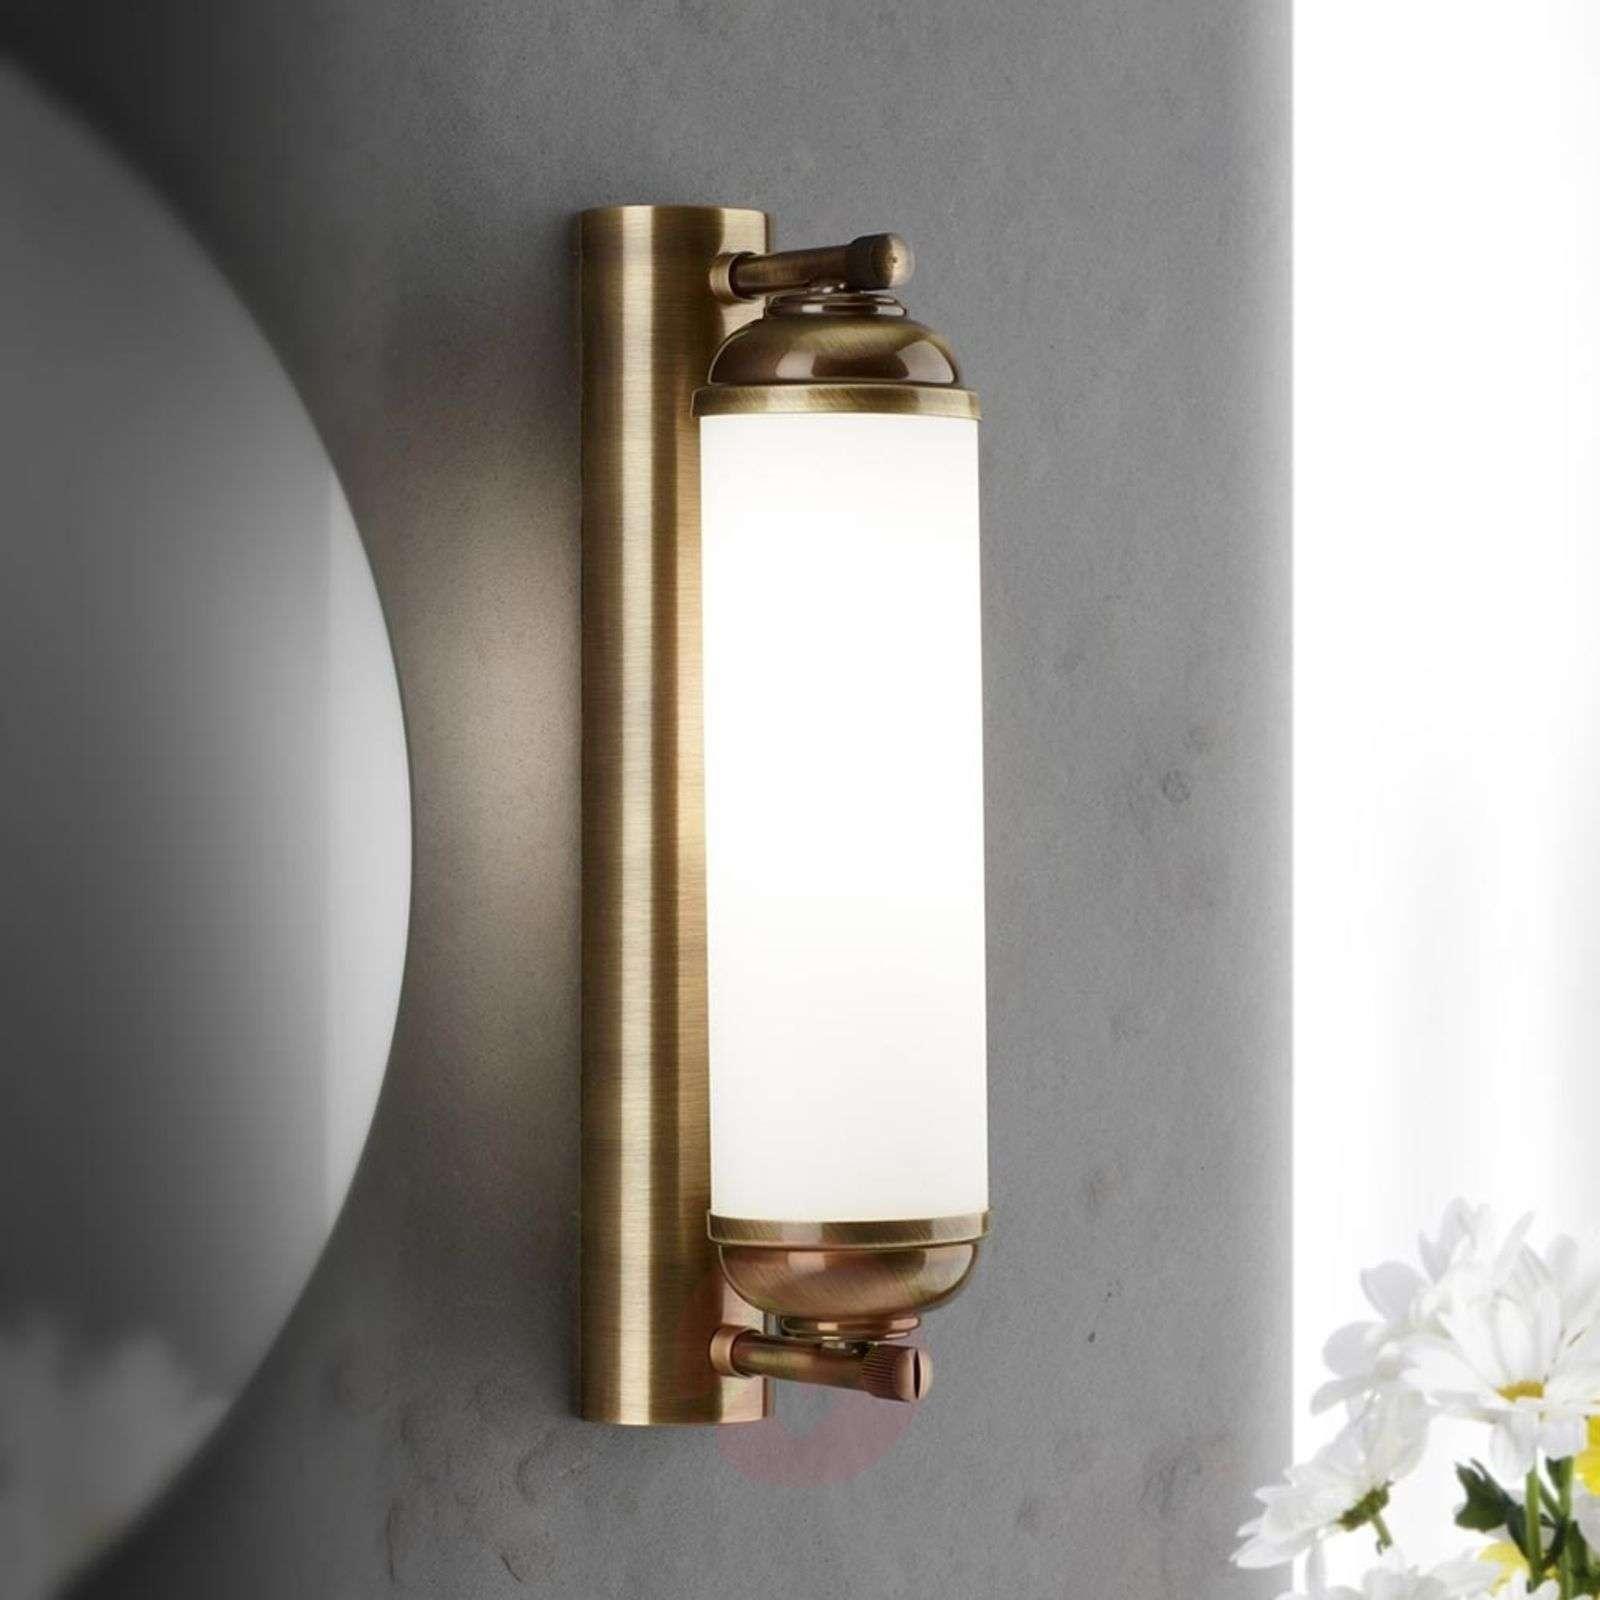 Laadukas Elida seinävalaisin, 1-lamppuinen-7254587-01